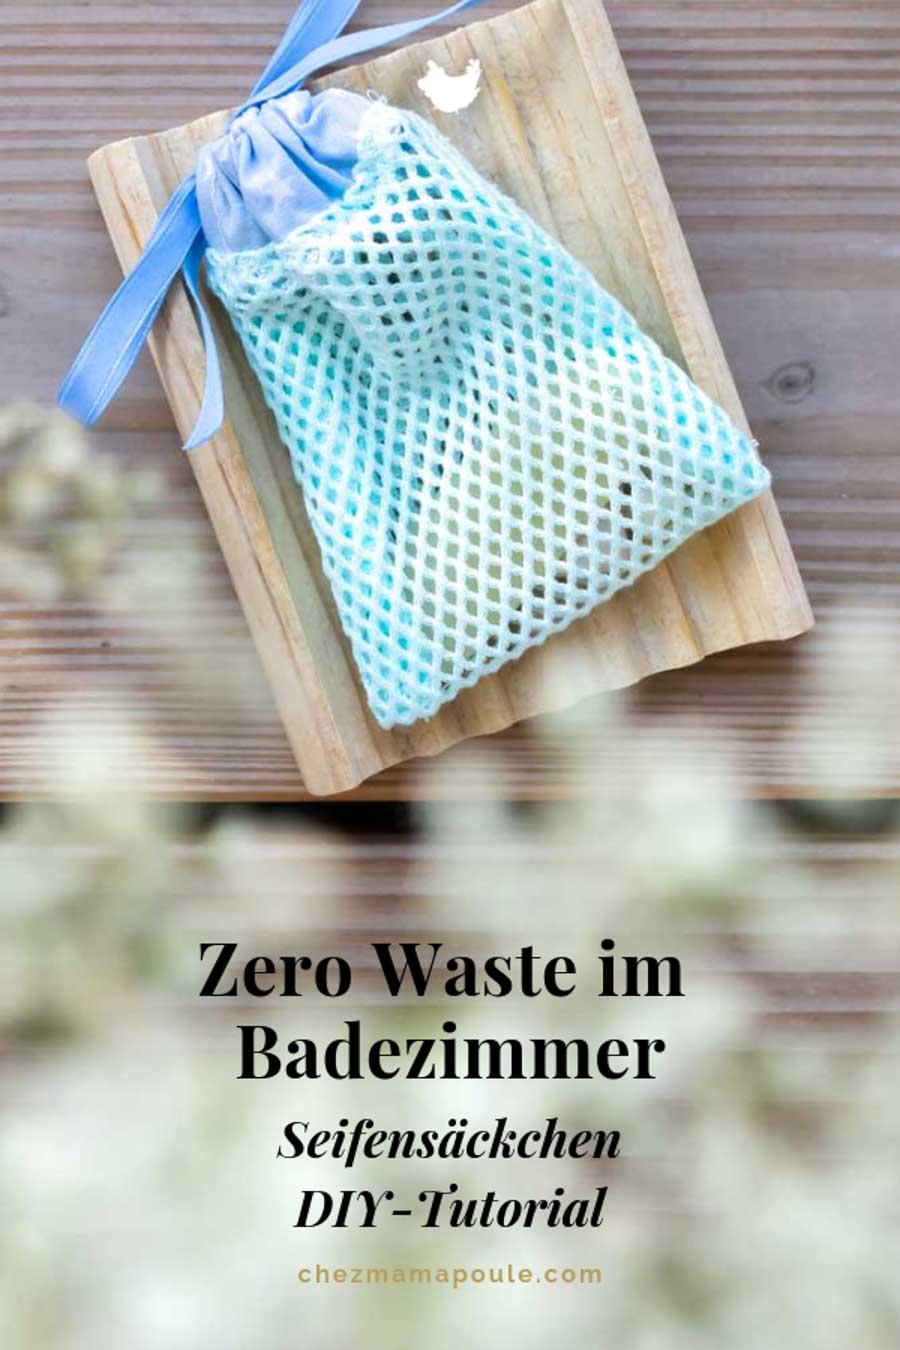 Seifensäckchen: Zero Waste im Badezimmer und eine DIY-Idee für weniger Abfall im Haushalt: www.chezmamapoule.com #zerowaste #unverpackt #lesswaste #diy #tutorial #zerowasteidee #nähen #zerowastegeschenke #seifensäckchen #tutorial